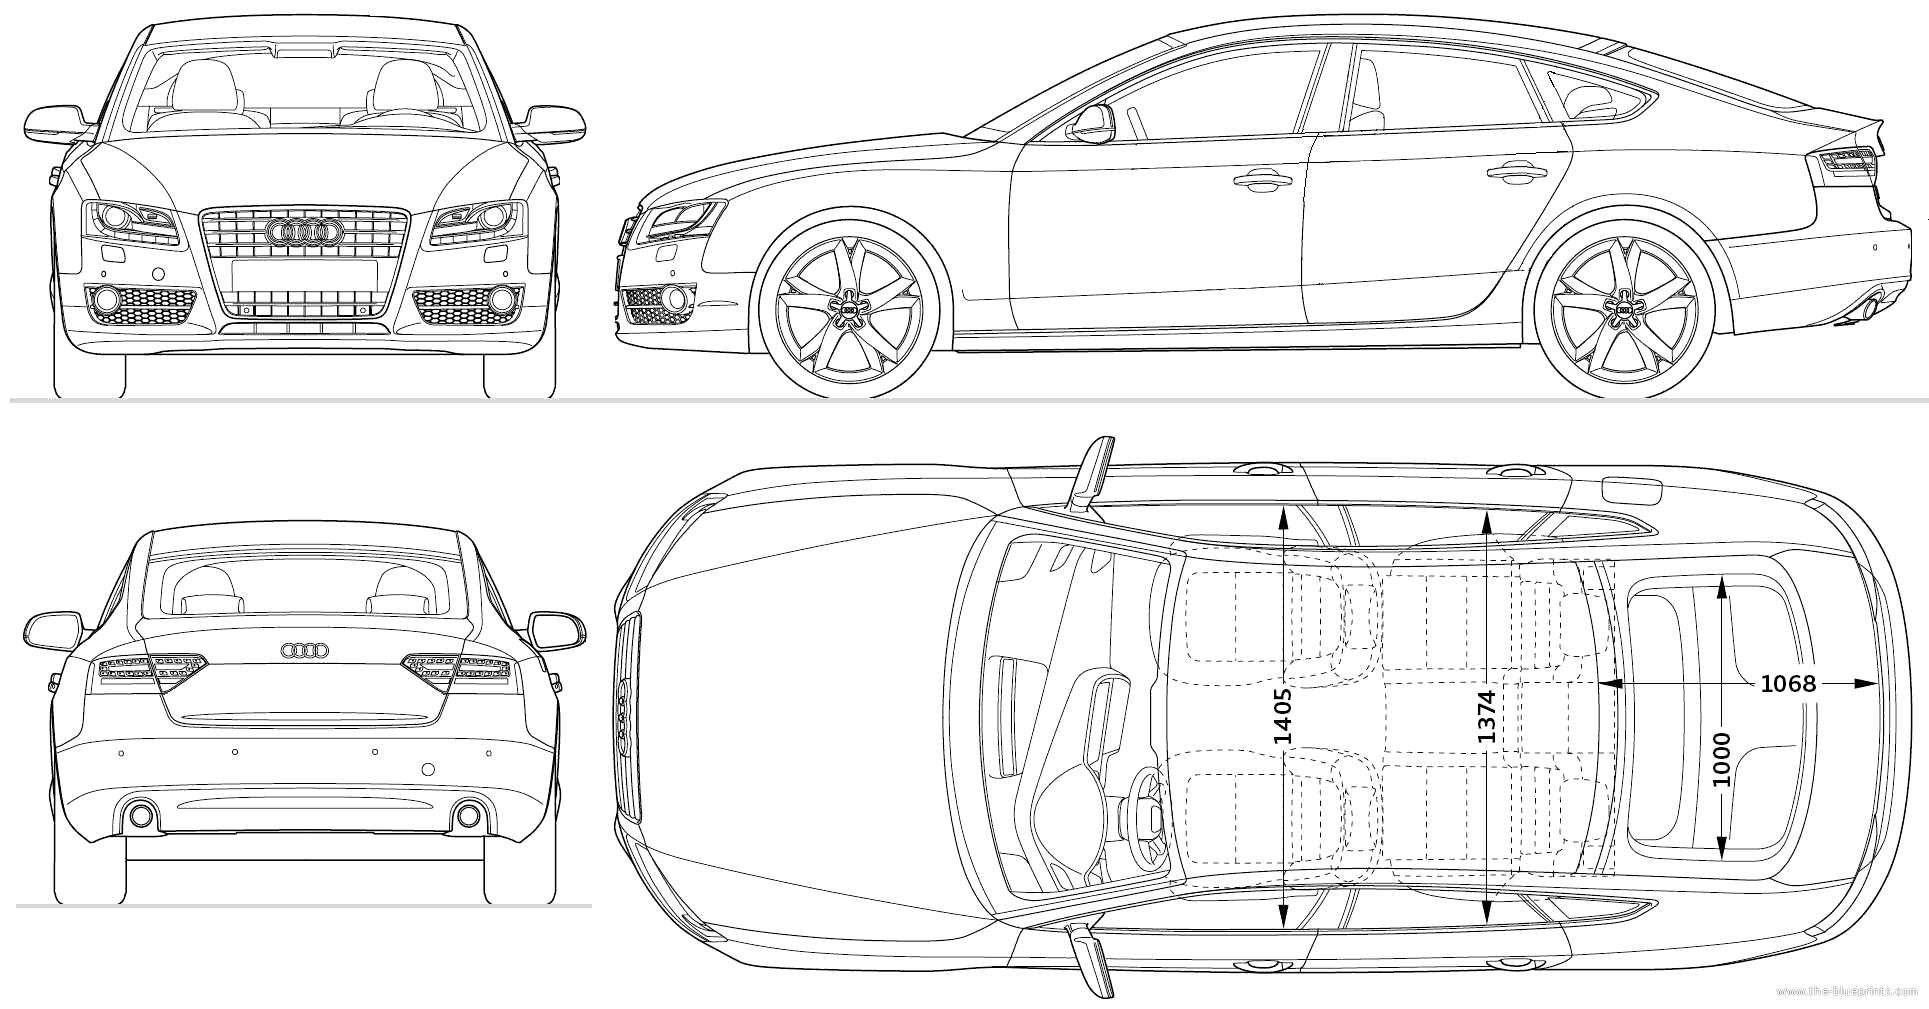 Ausgezeichnet Alte Auto Blaupausen Bilder - Elektrische Schaltplan ...